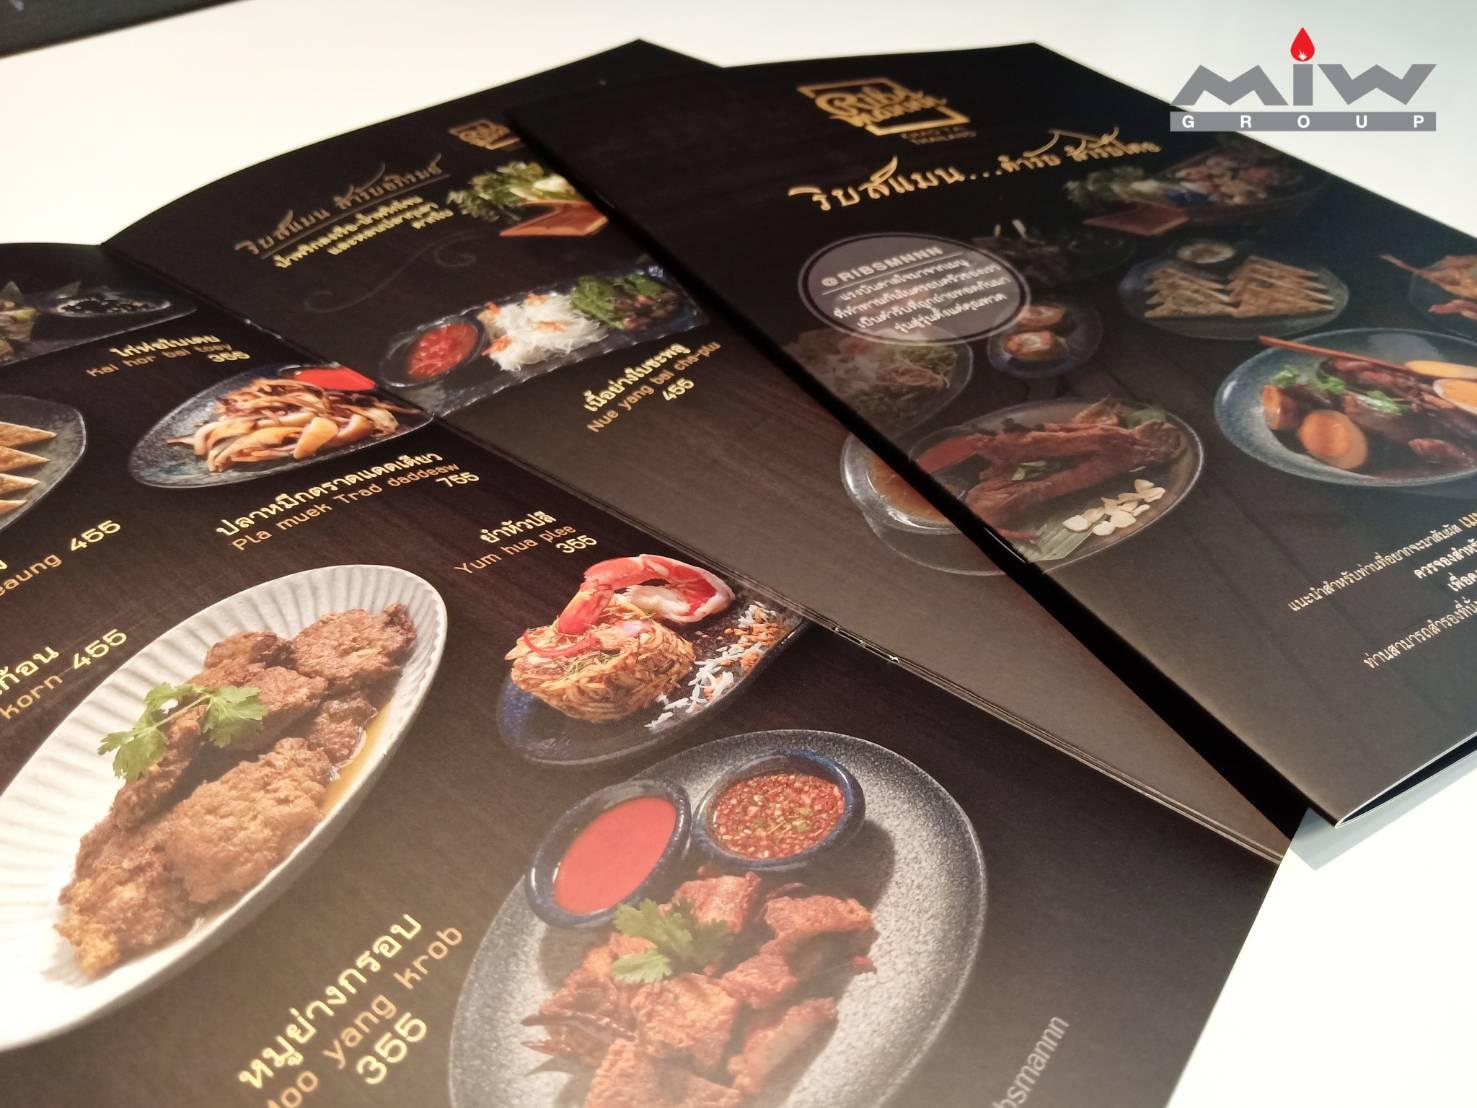 207765 - งานเมนูอาหารร้านริบส์แมน..ตำรับ สำรับไทย